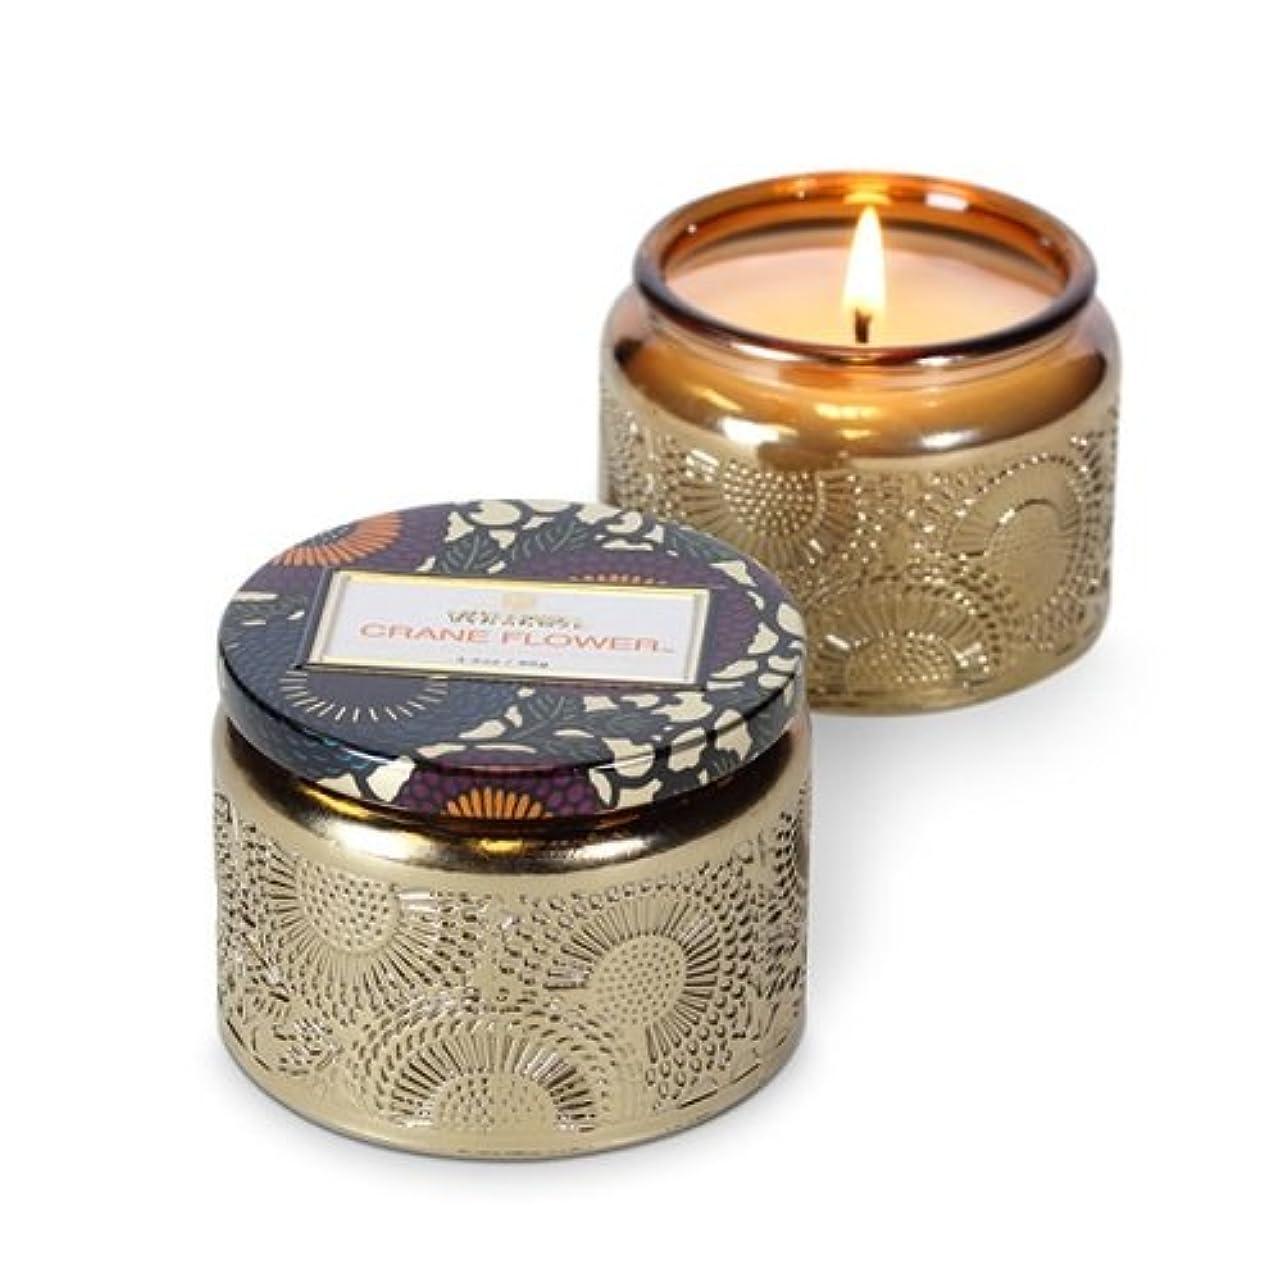 美徳勤勉照らすVoluspa ボルスパ ジャポニカ グラスジャーキャンドル S クレーンフラワー JAPONICA Glass jar candle CRANE FLOWER